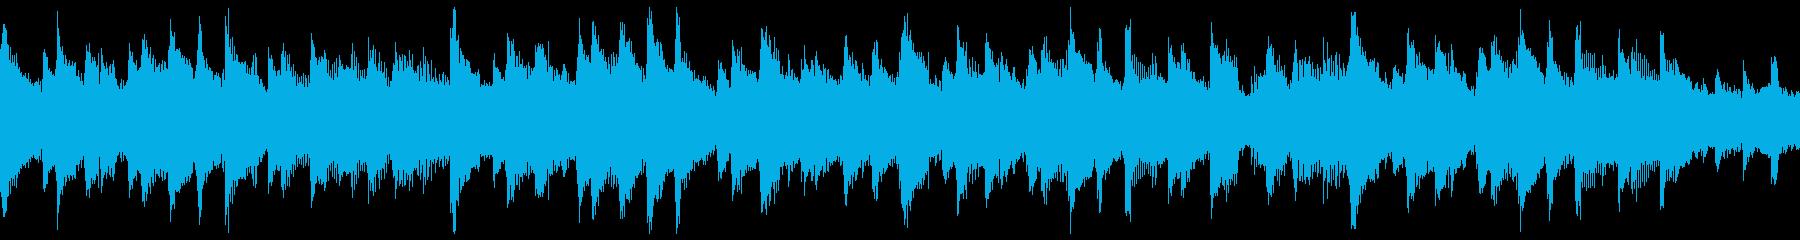 明るく希望に満ちたピアノポップ(ループ)の再生済みの波形